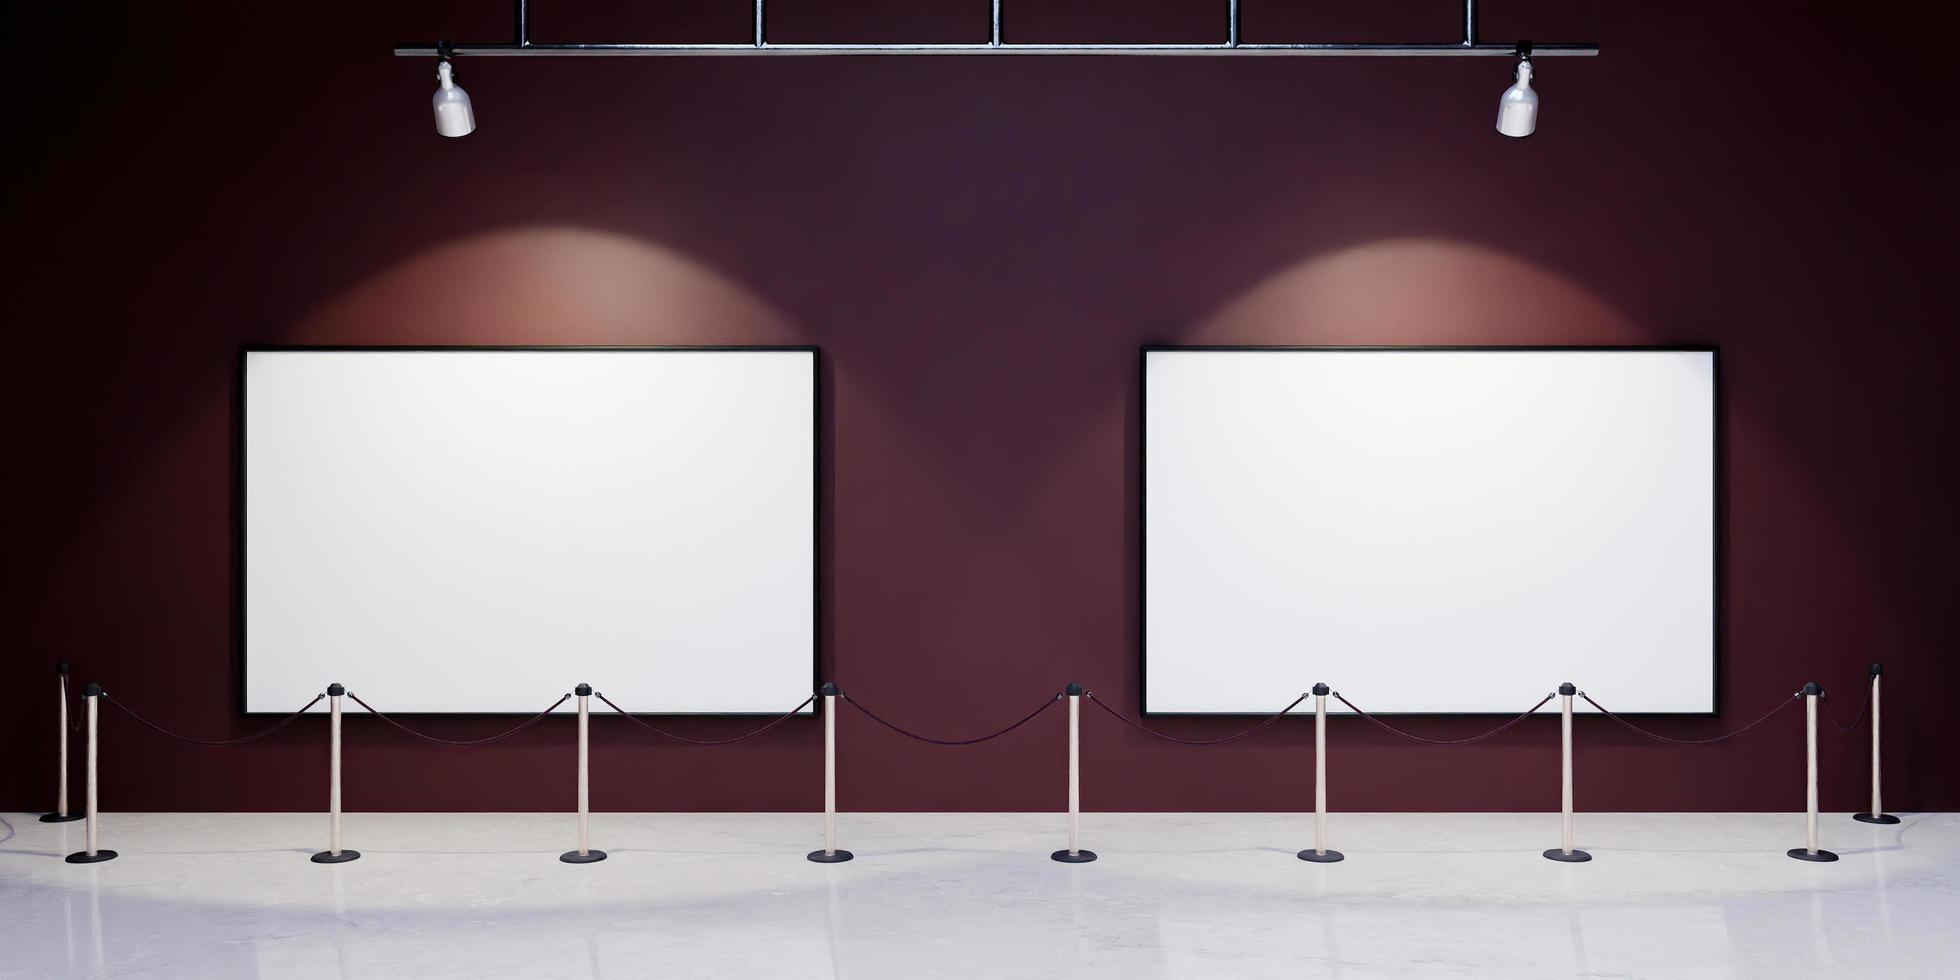 maquette de cadres dans un musée avec des projecteurs éclairant photo